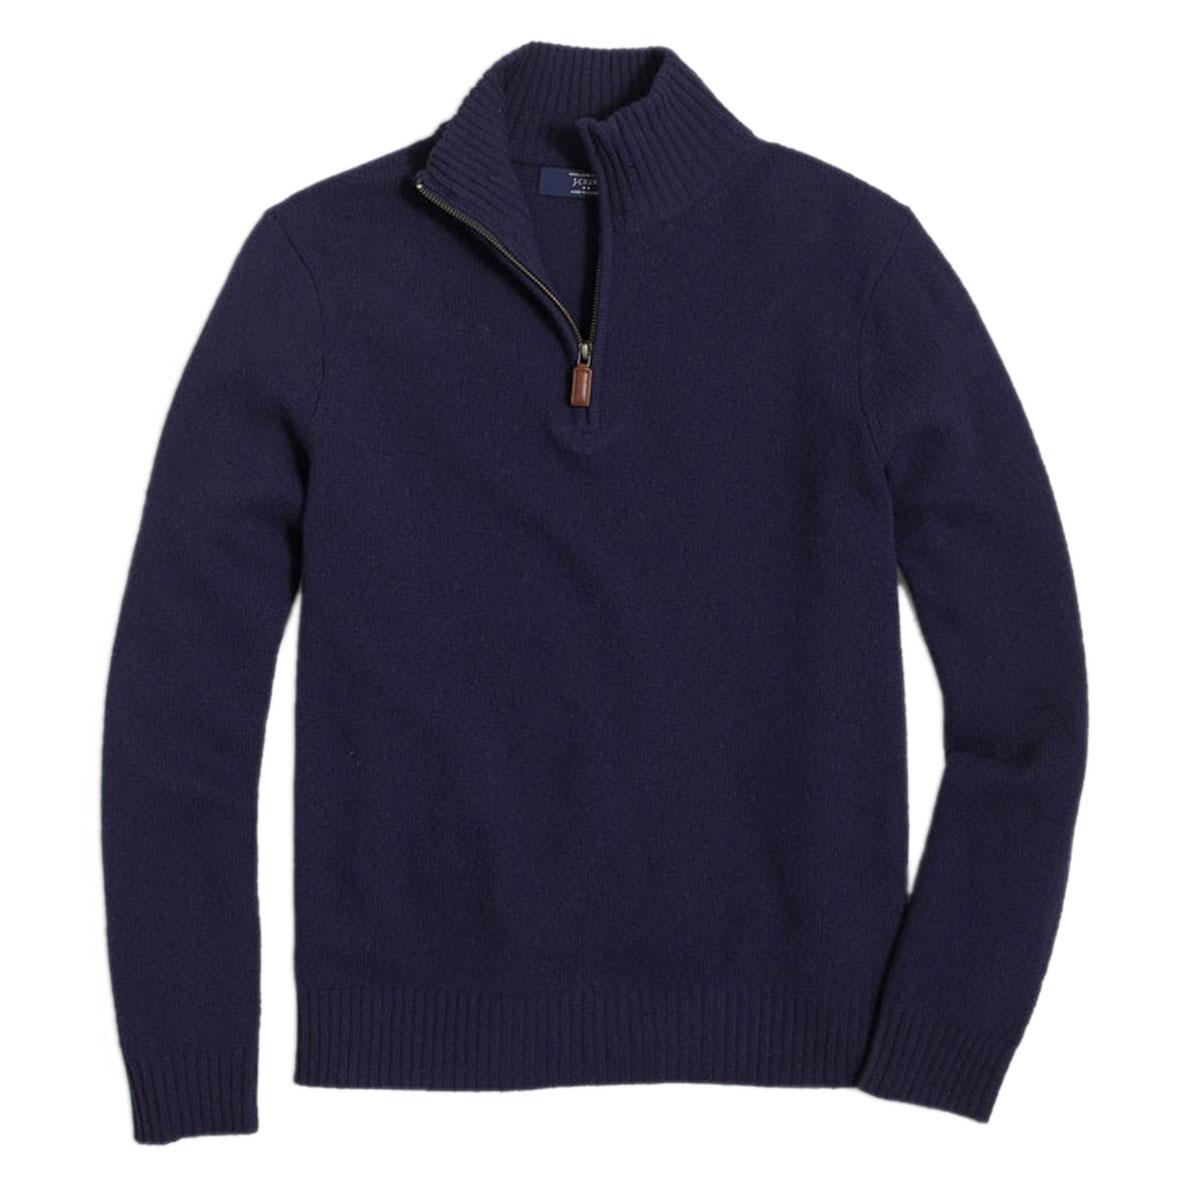 ジェイクルー J.CREW 正規品 メンズ セーター LAMBSWOOL HALF-ZIP SWEATER 13956